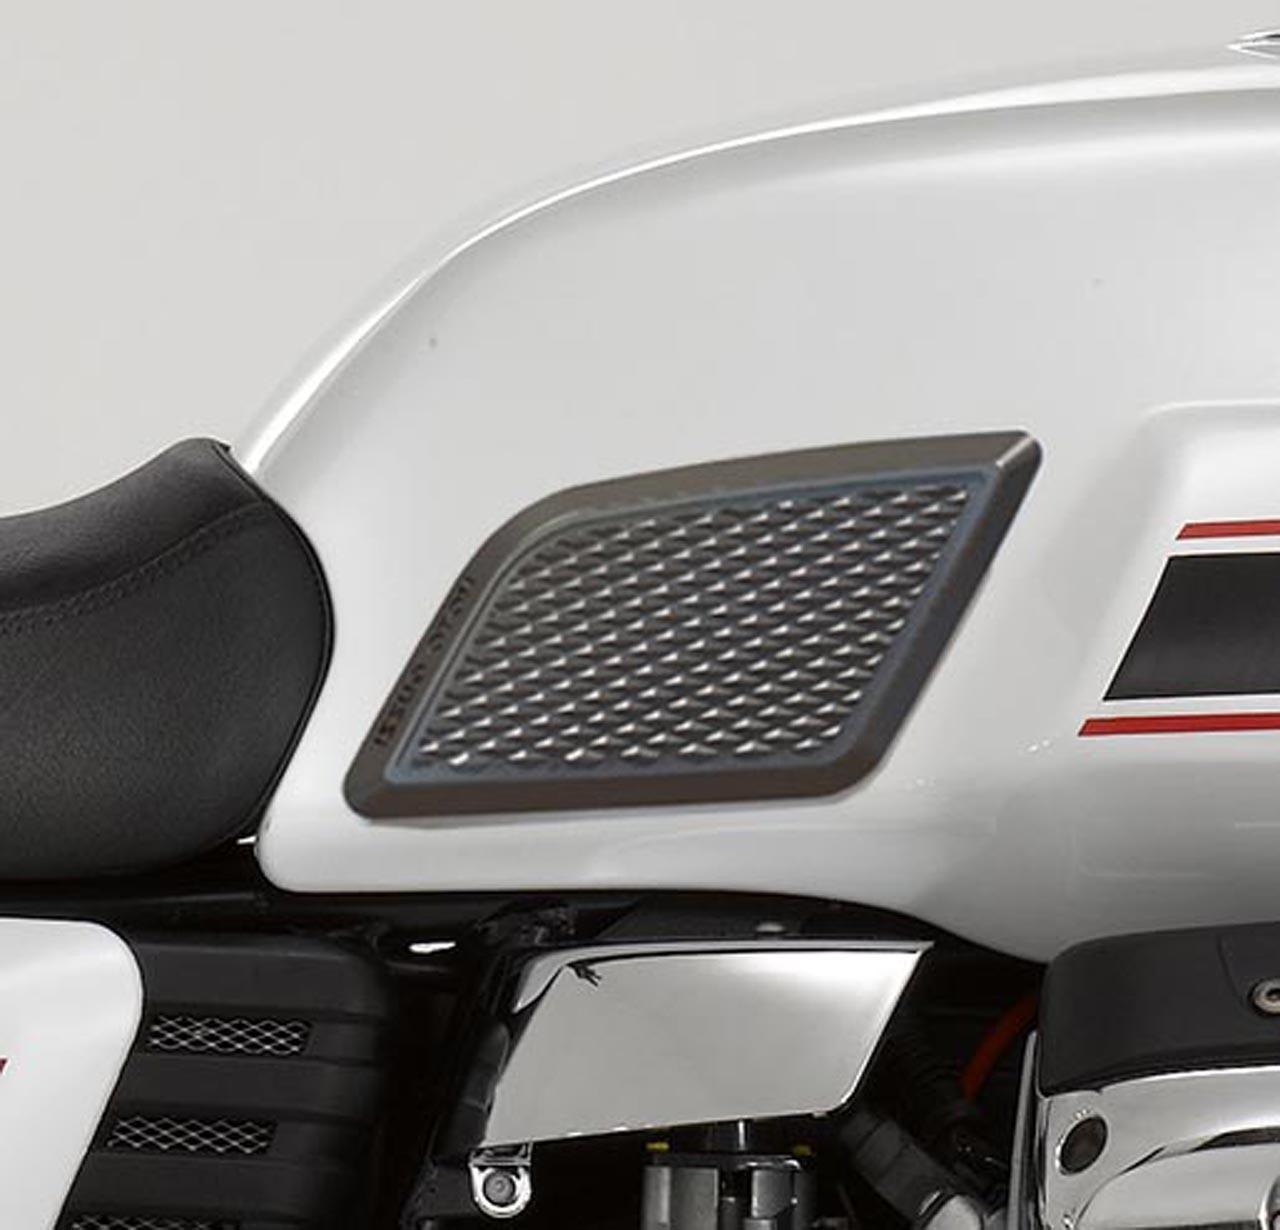 Moto Guzzi V7 accesorios